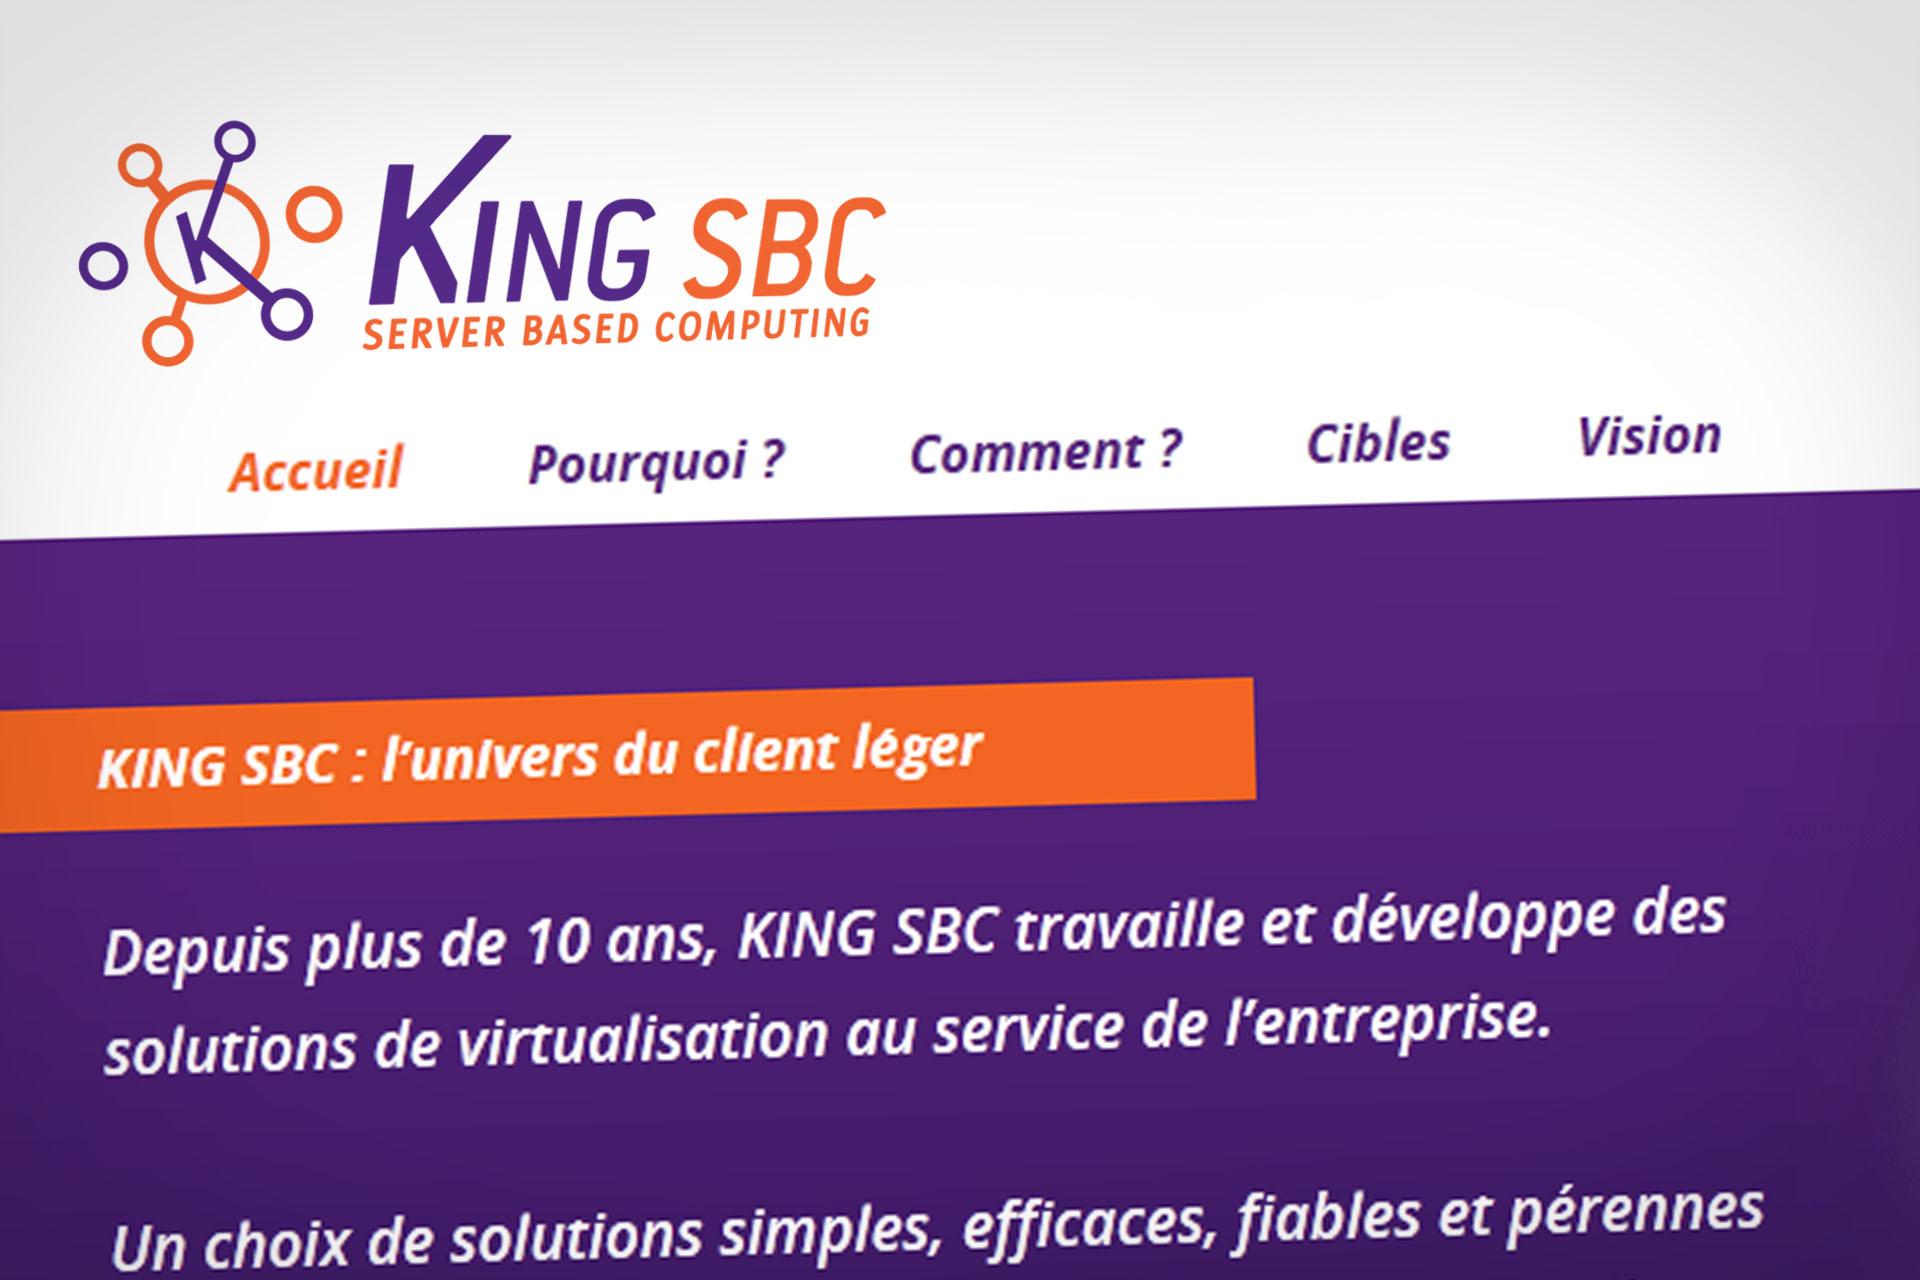 KING SBC